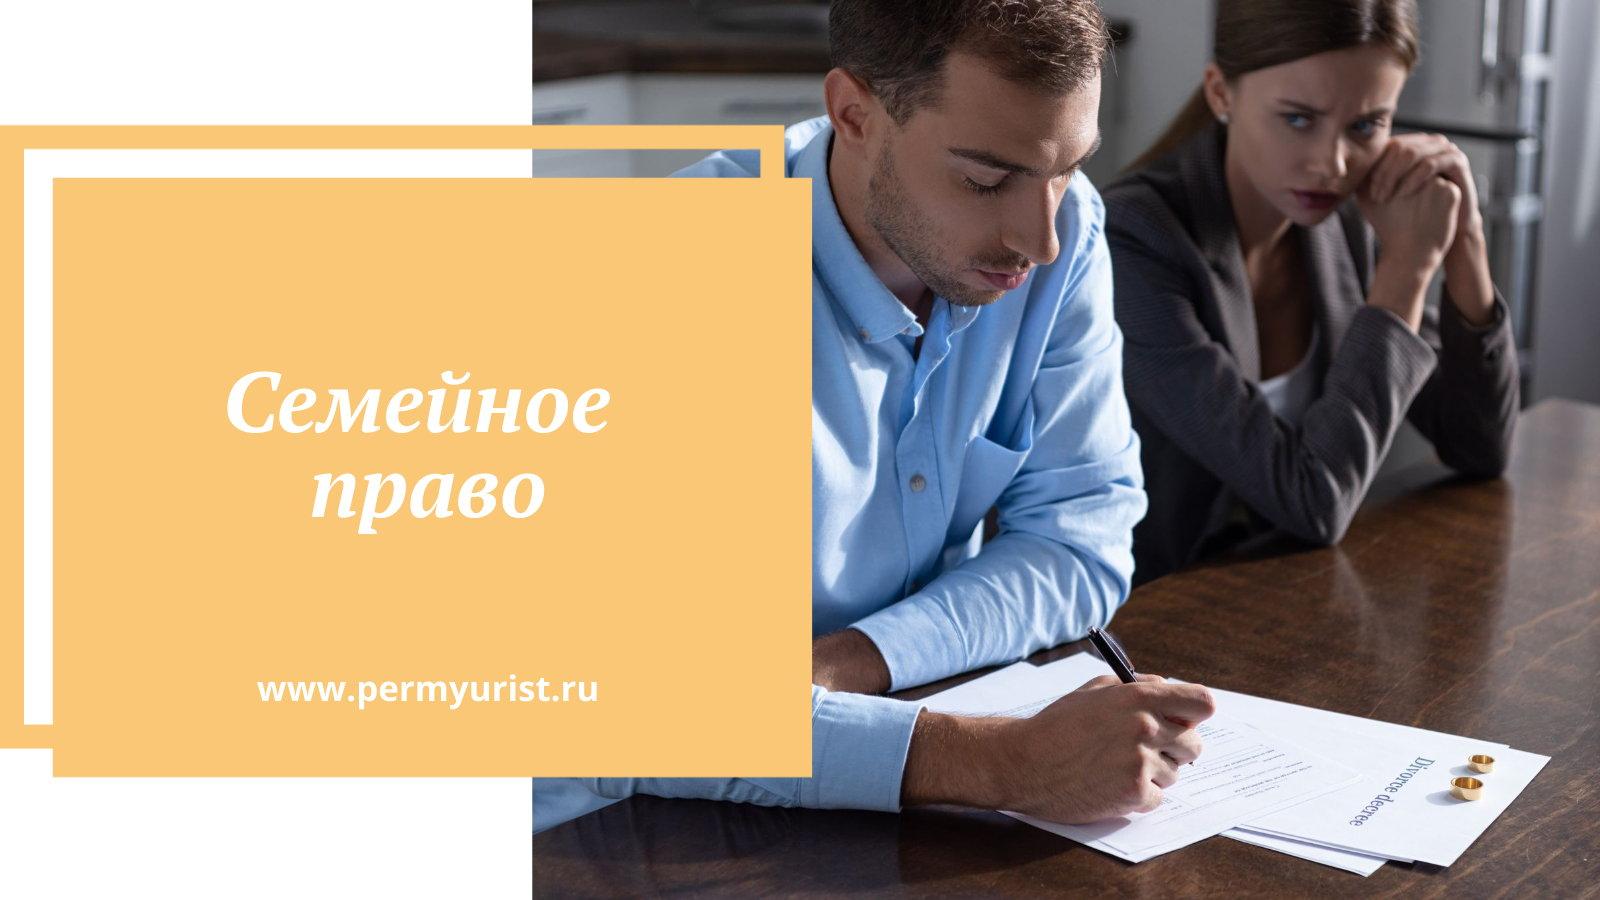 Семейный юрист, семейный адвокат от компании Юрист Пермь